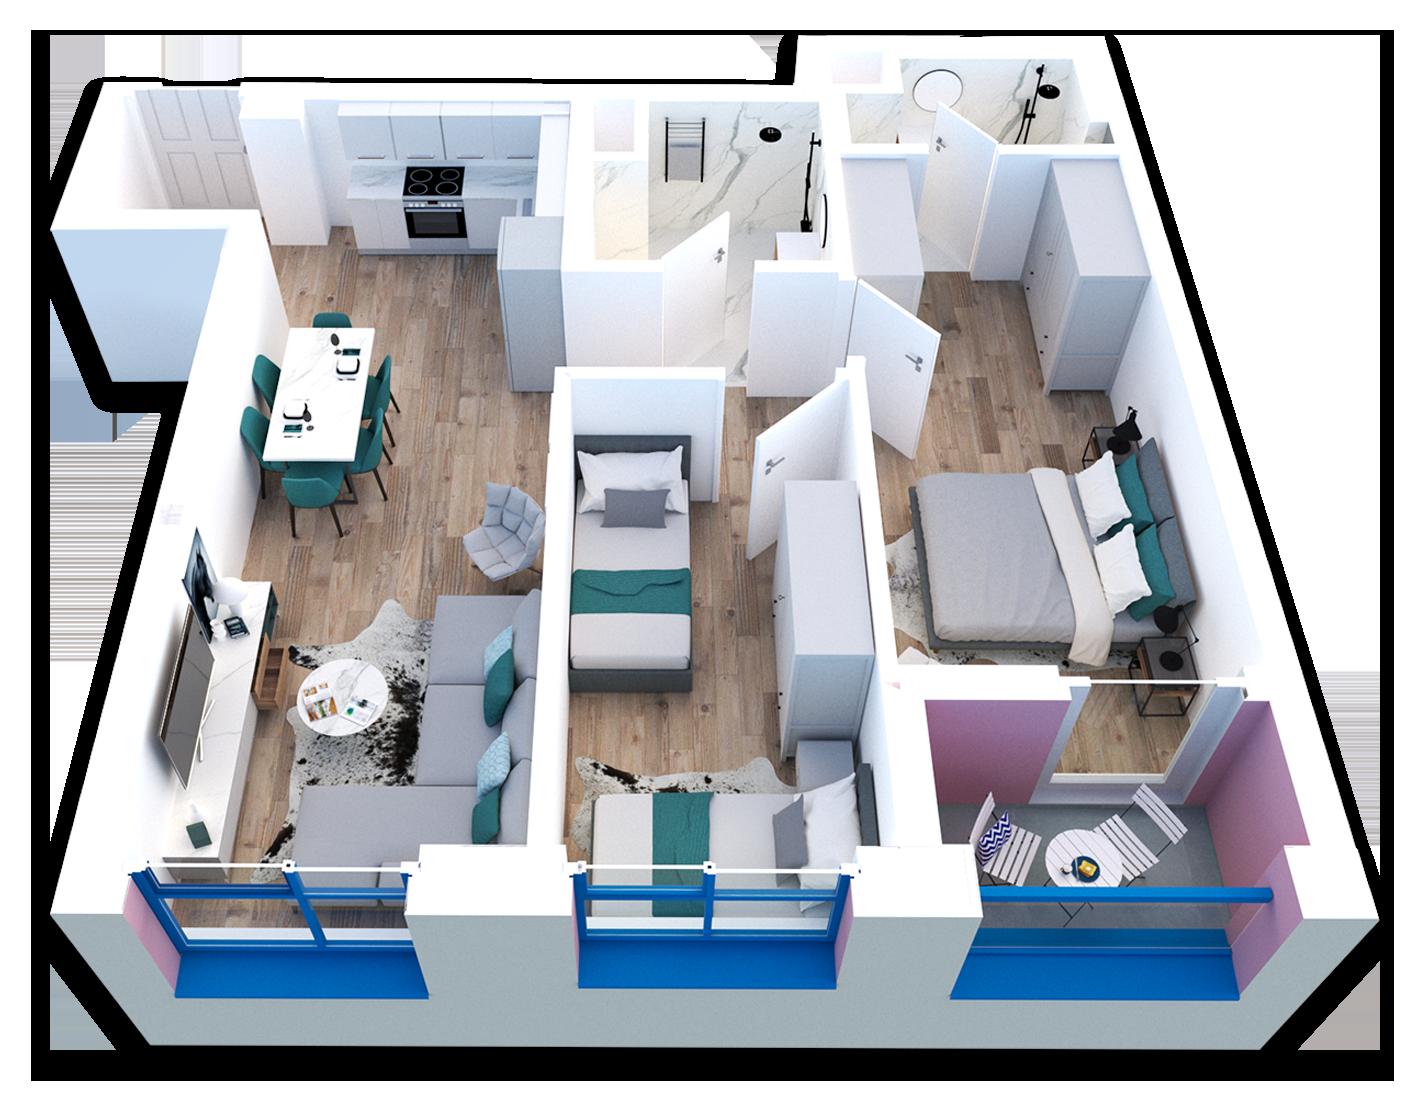 Apartament 2+1 në shitje në Tiranë - Mangalem 21 Shkalla 22 Kati 5